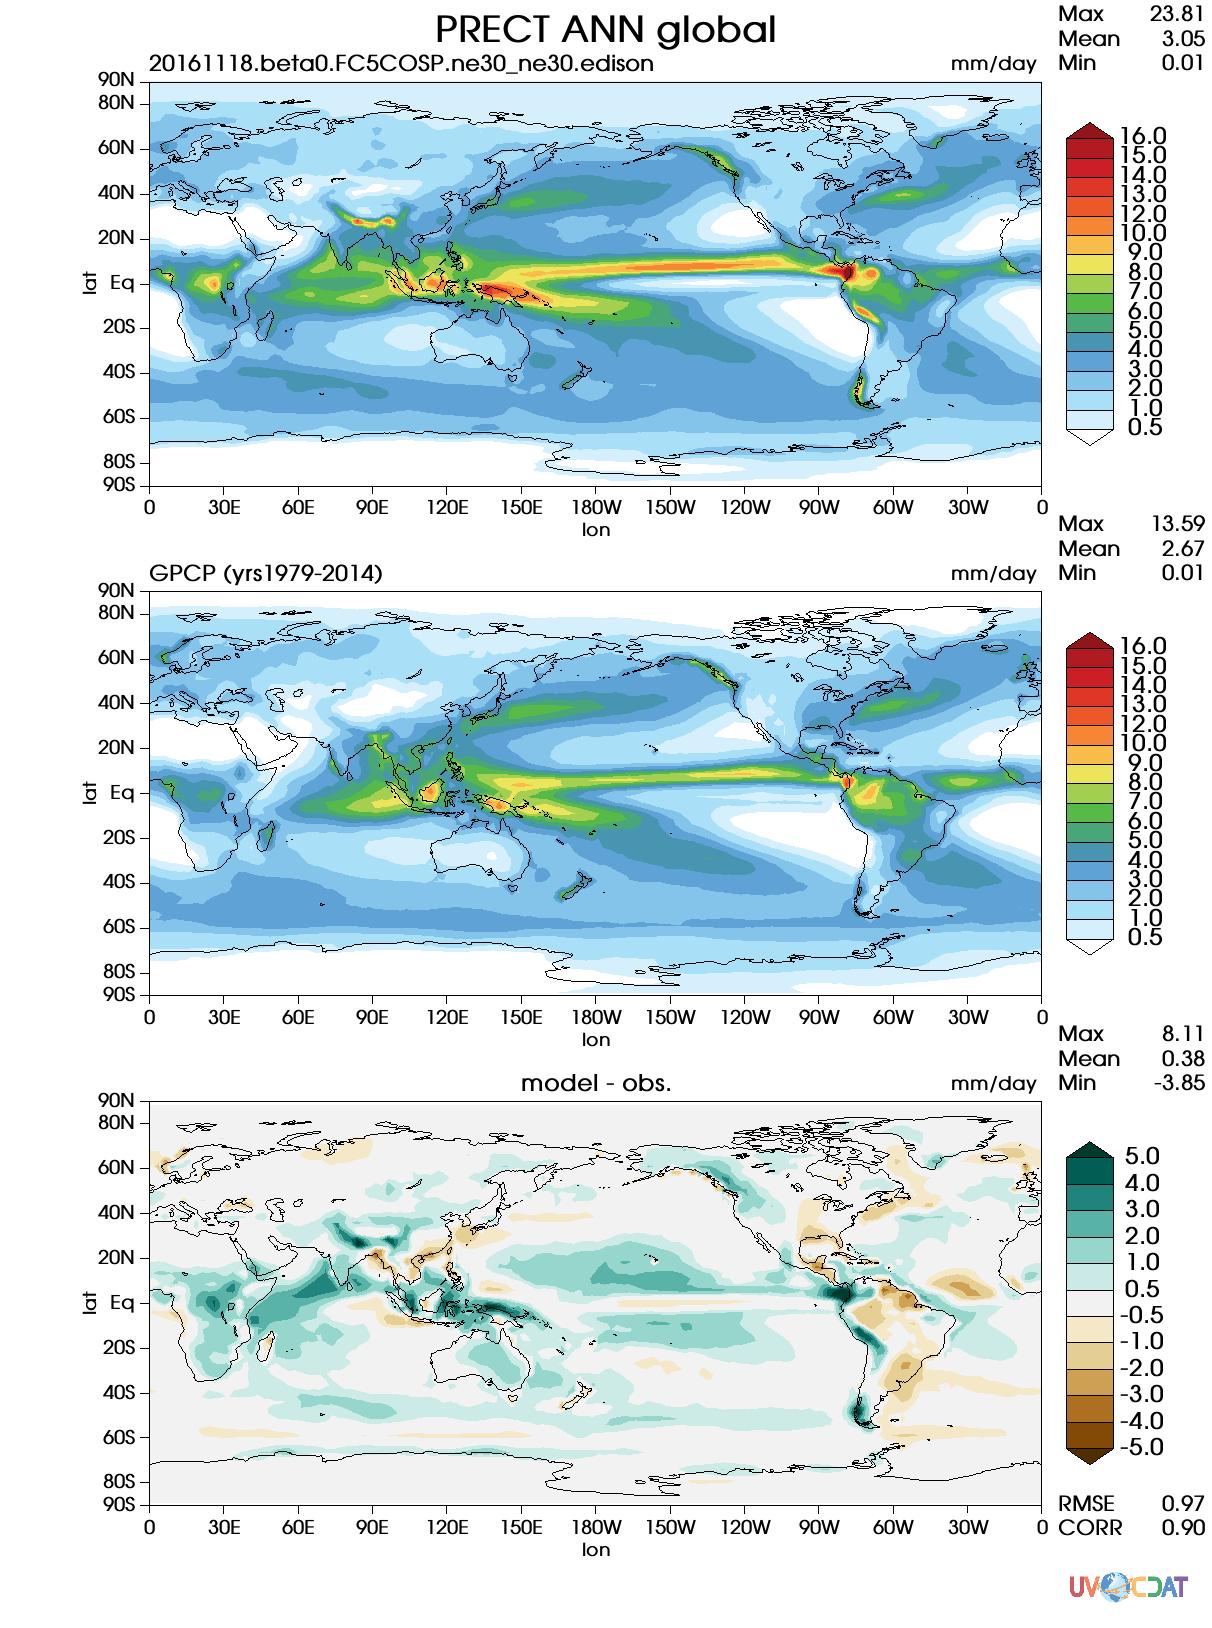 E3SM Diagnostics - E3SM - Energy Exascale Earth System Model